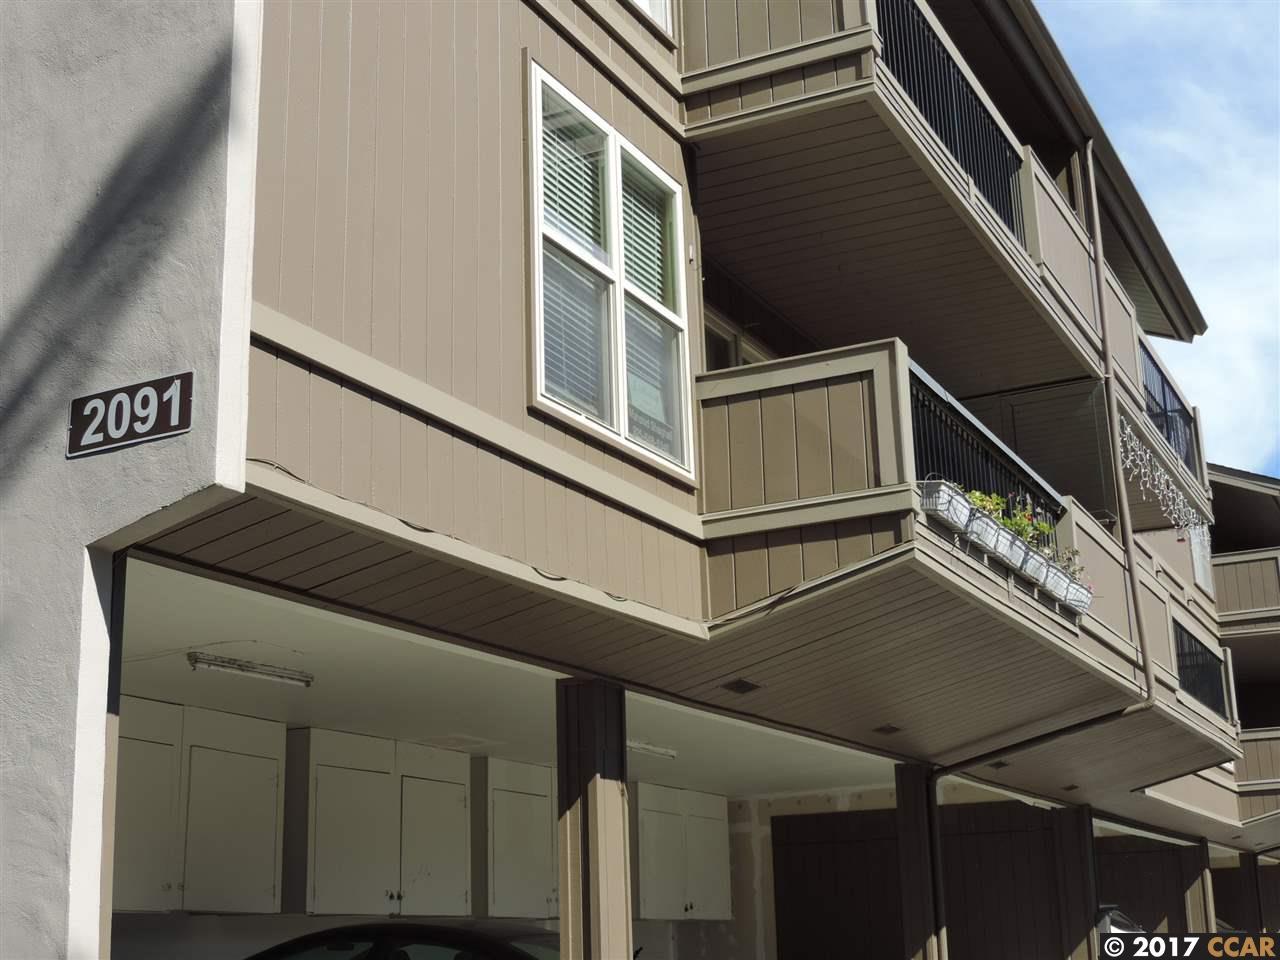 共管物業 為 出租 在 2091 ASCOT Drive 2091 ASCOT Drive Moraga, 加利福尼亞州 94556 美國